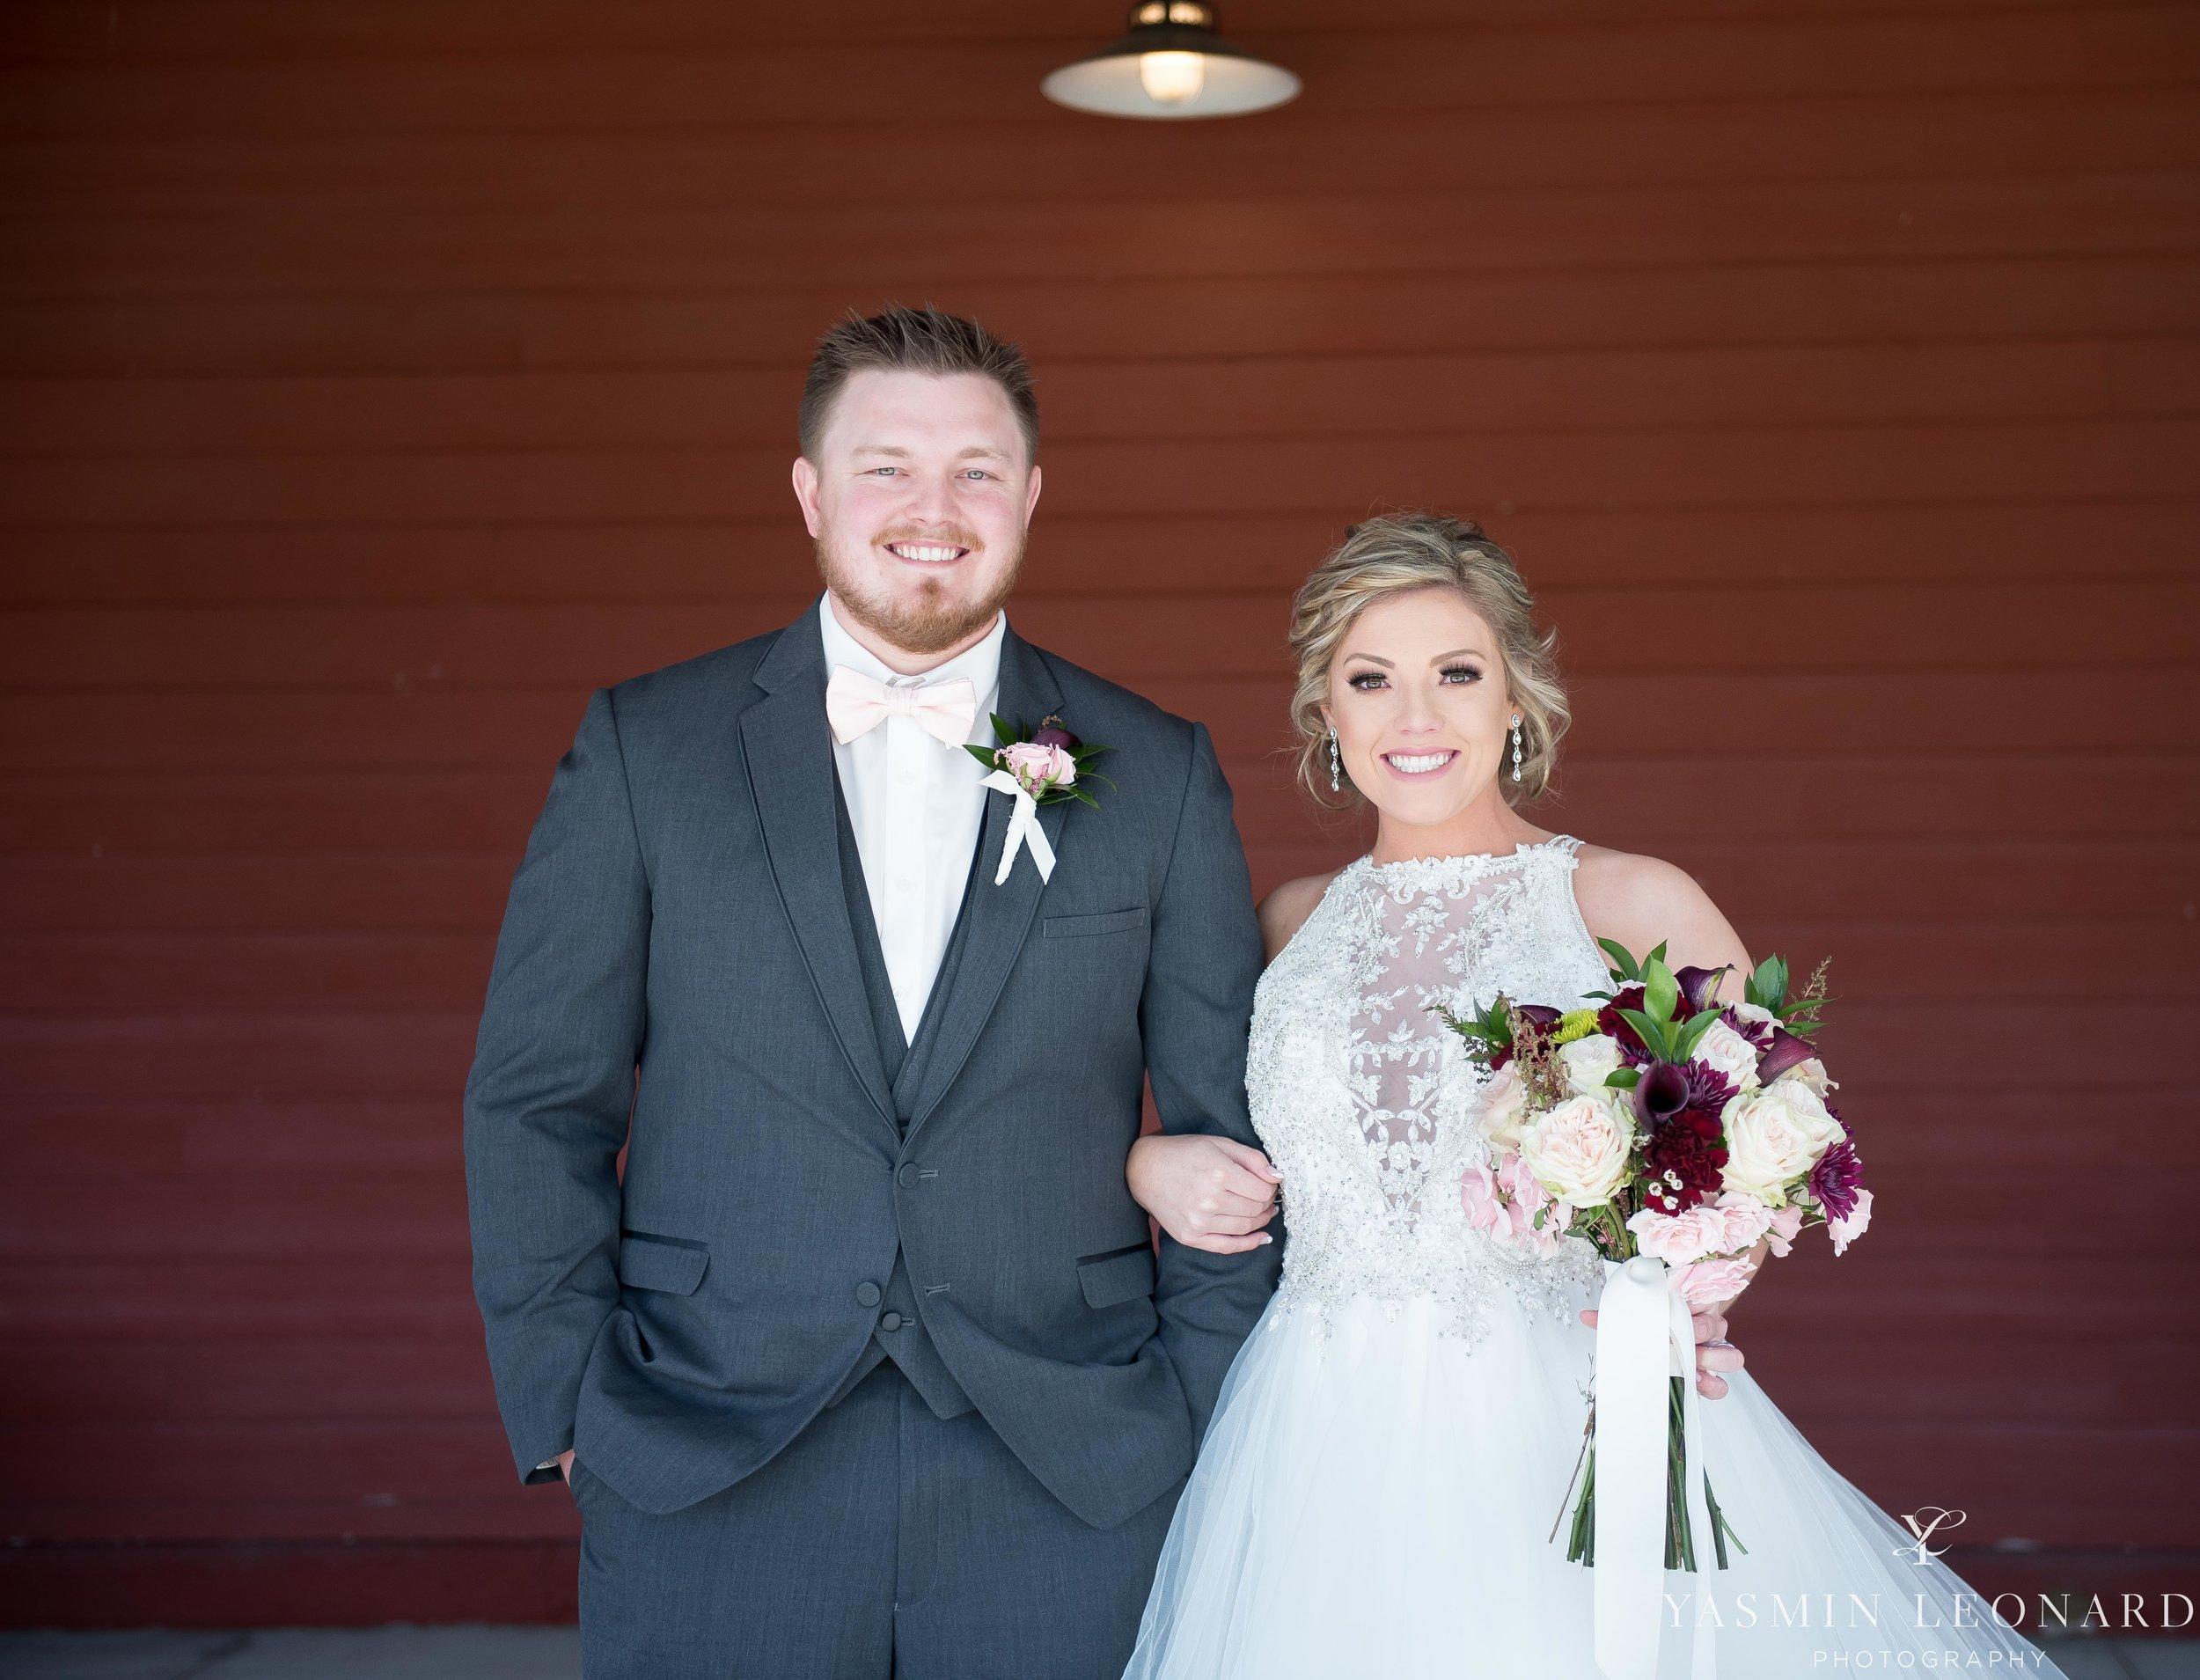 Millikan Farms - Millikan Farms Wedding - Sophia NC Wedding - NC Wedding - NC Wedding Photographer - Yasmin Leonard Photography - High Point Photographer - Barn Wedding - Wedding Venues in NC - Triad Wedding Photographer-23.jpg